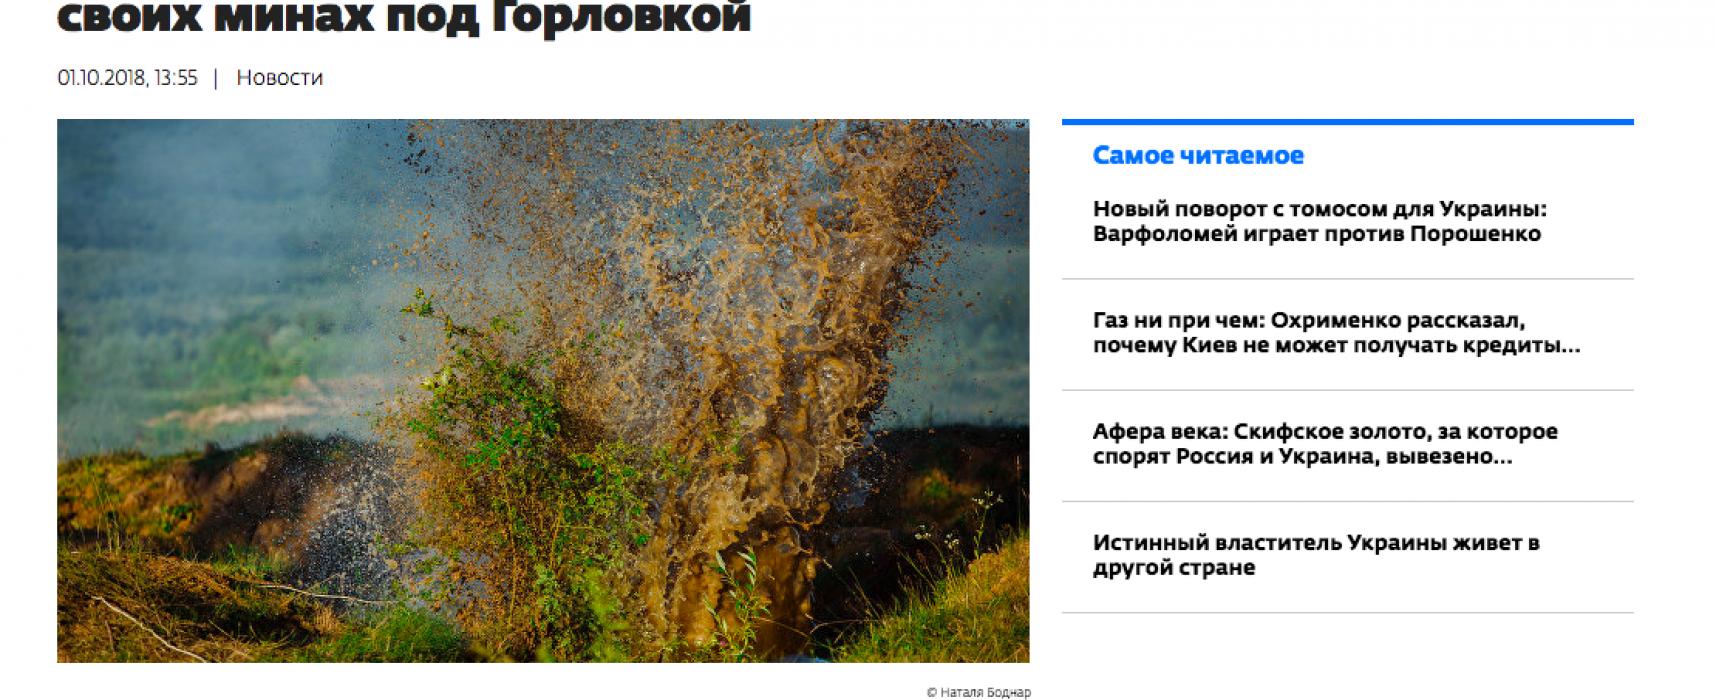 Фейк: Военные и дети на Донбассе гибнут из-за «украинских мин»